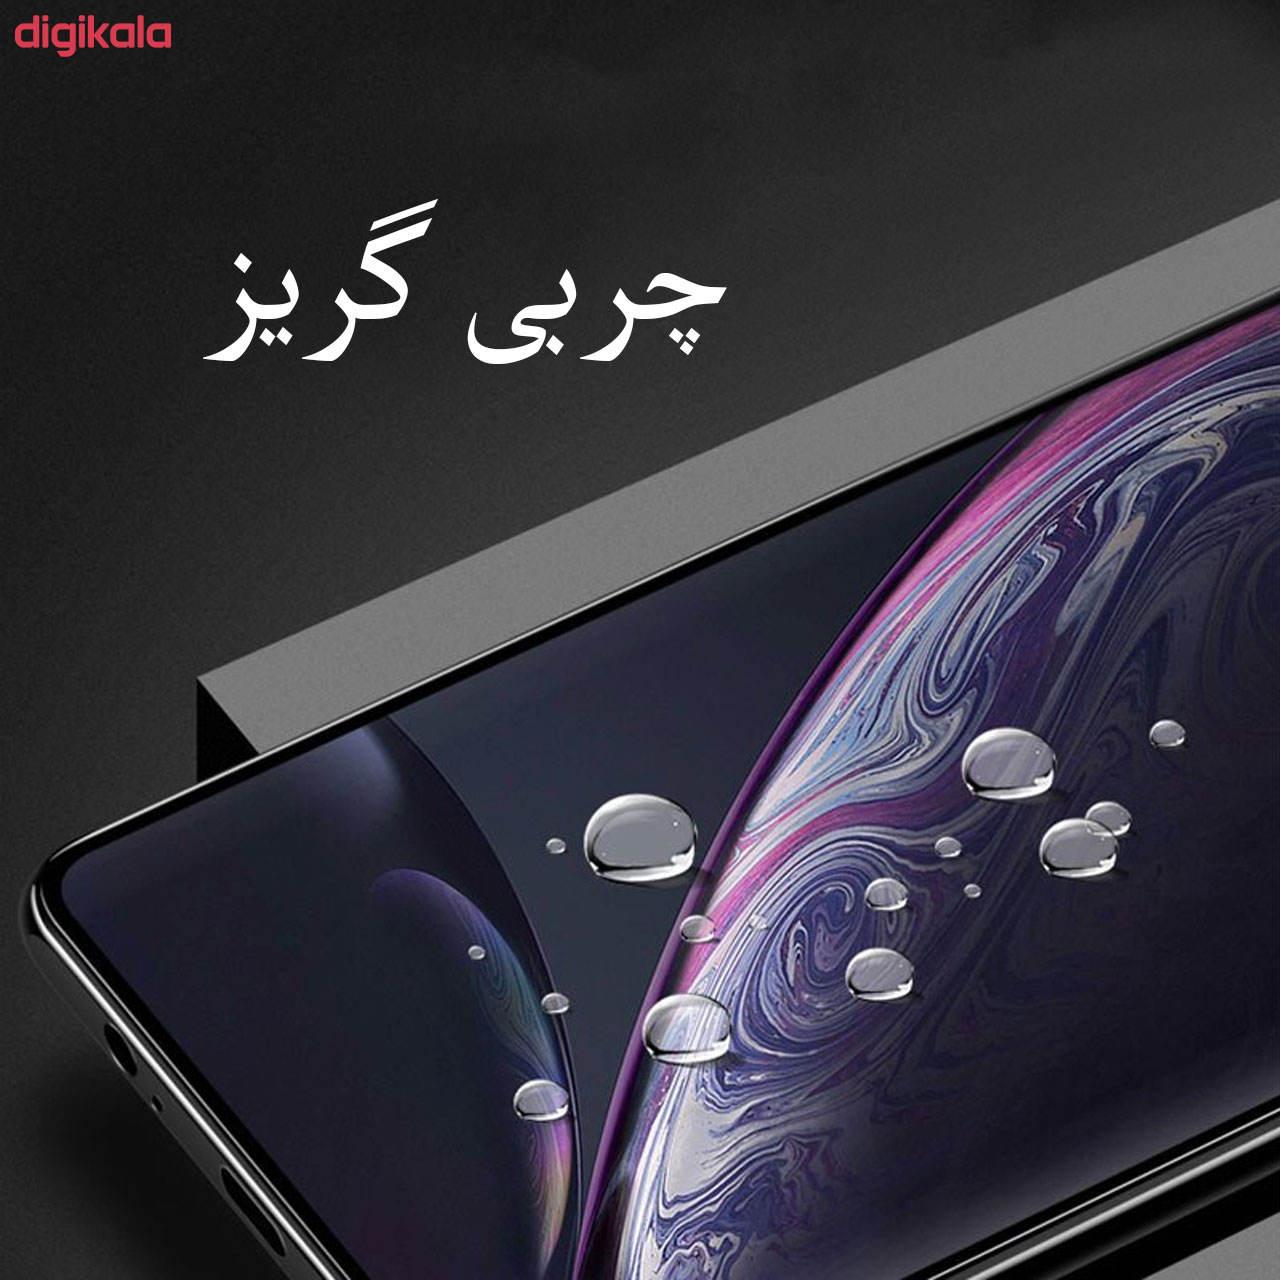 محافظ صفحه نمایش مدل FCG مناسب برای گوشی موبایل سامسونگ Galaxy M20 بسته سه عددی main 1 10